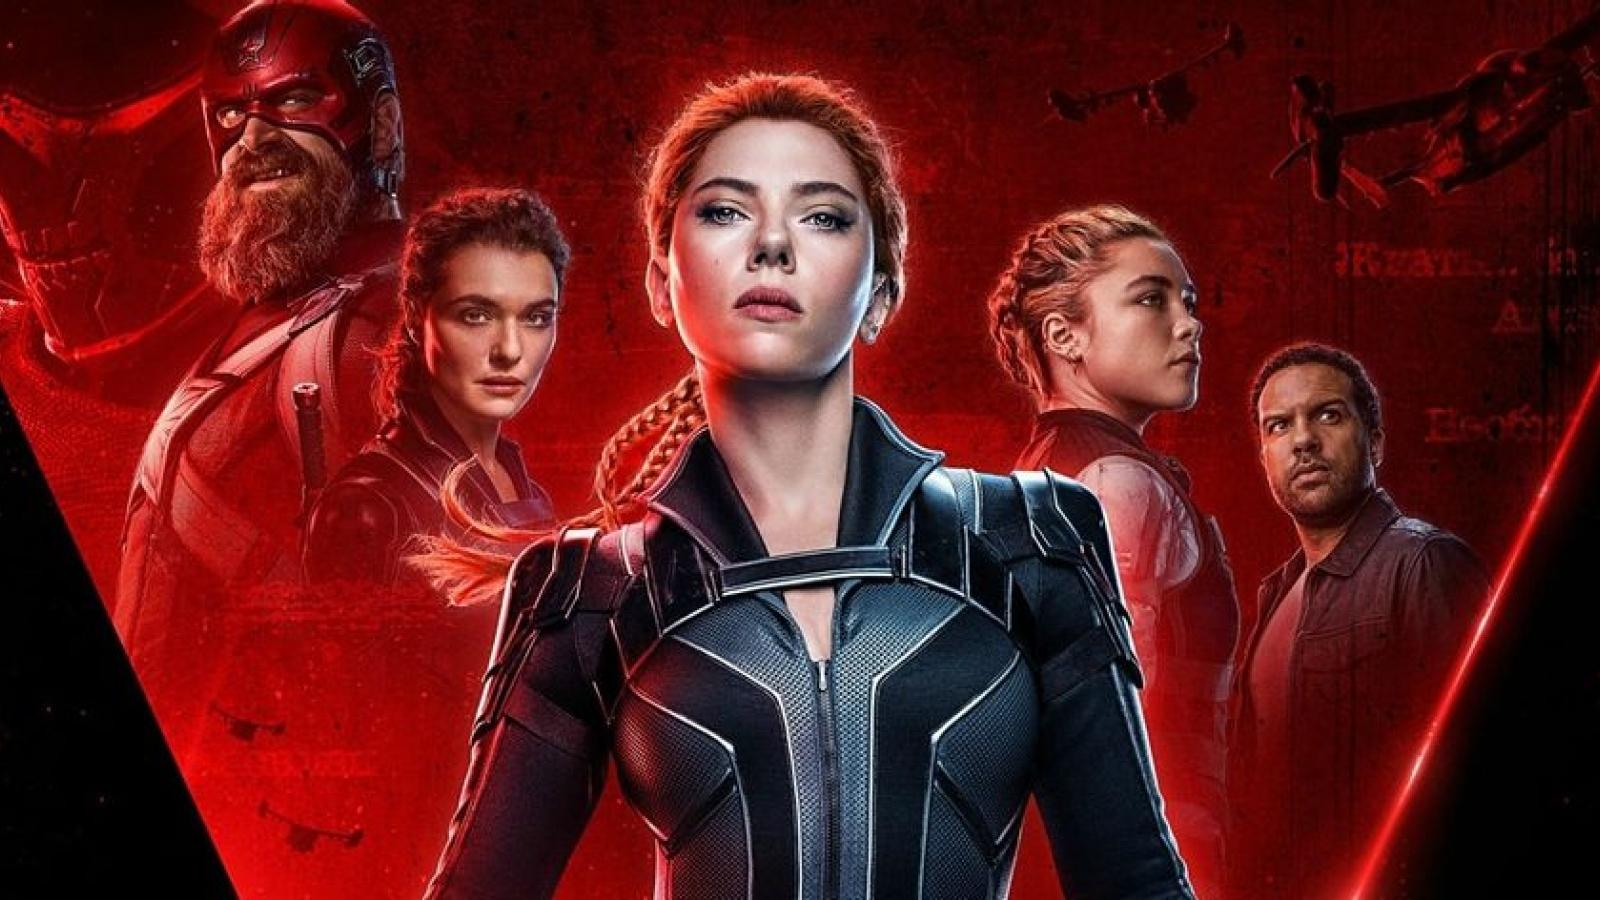 """Bom tấn """"Black Widow"""" sẽ thống trị phòng vé với doanh thu mở màn 225 triệu USD?"""